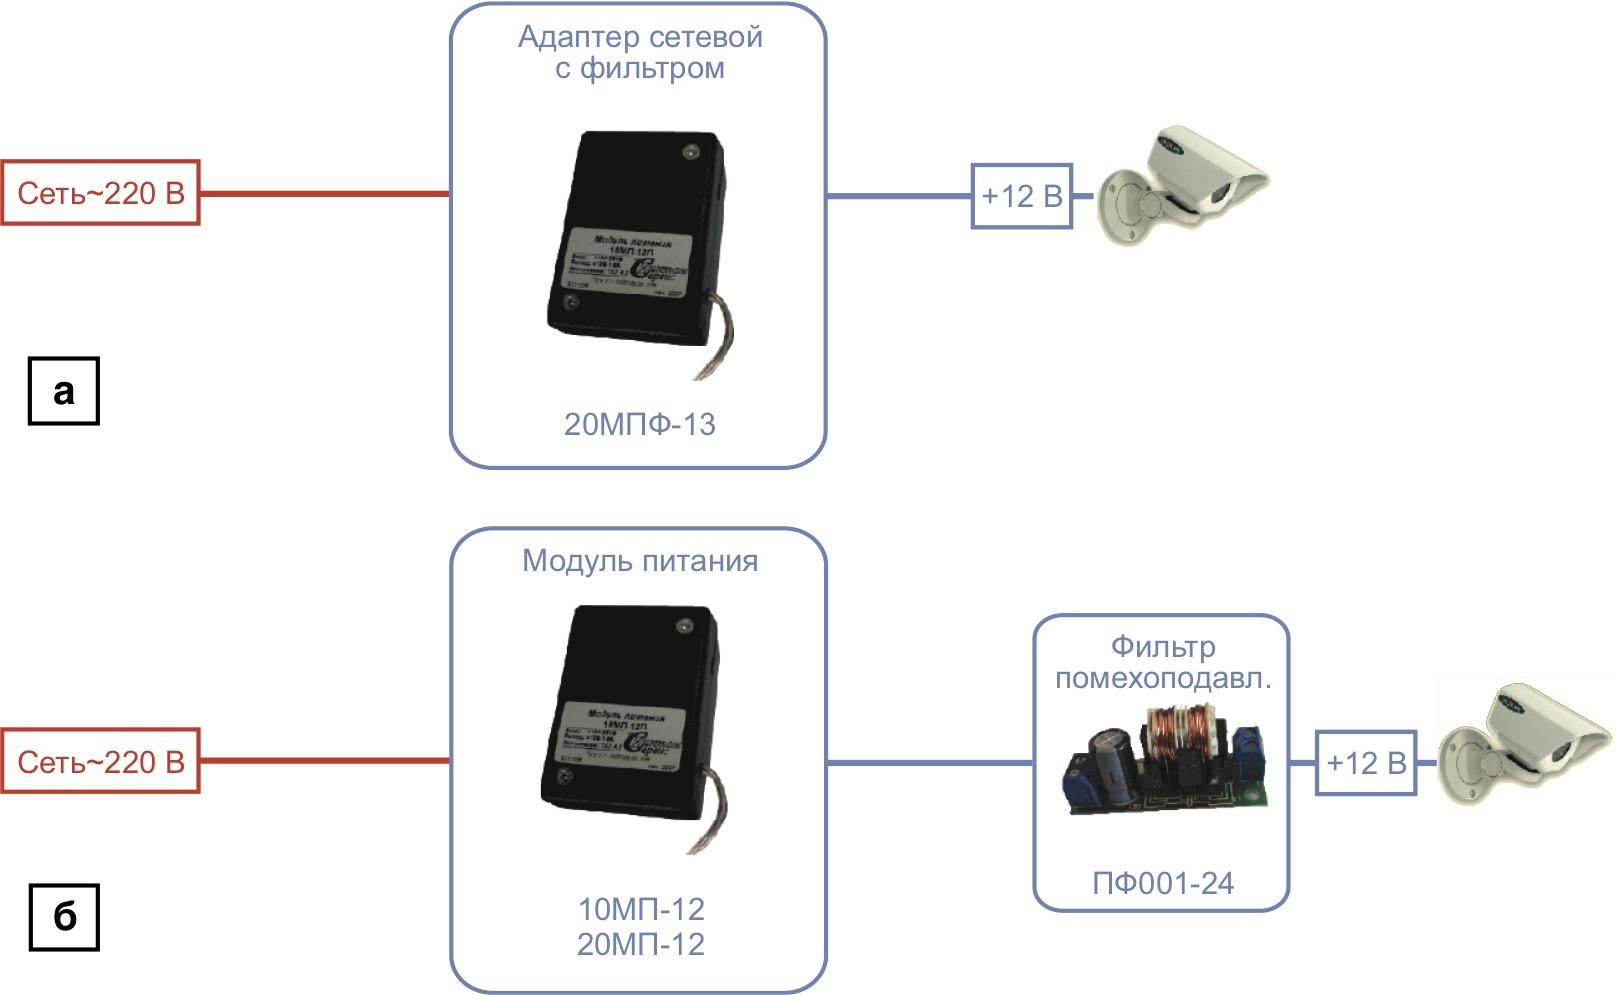 Схема единичного локального питания системы видеонаблюдения